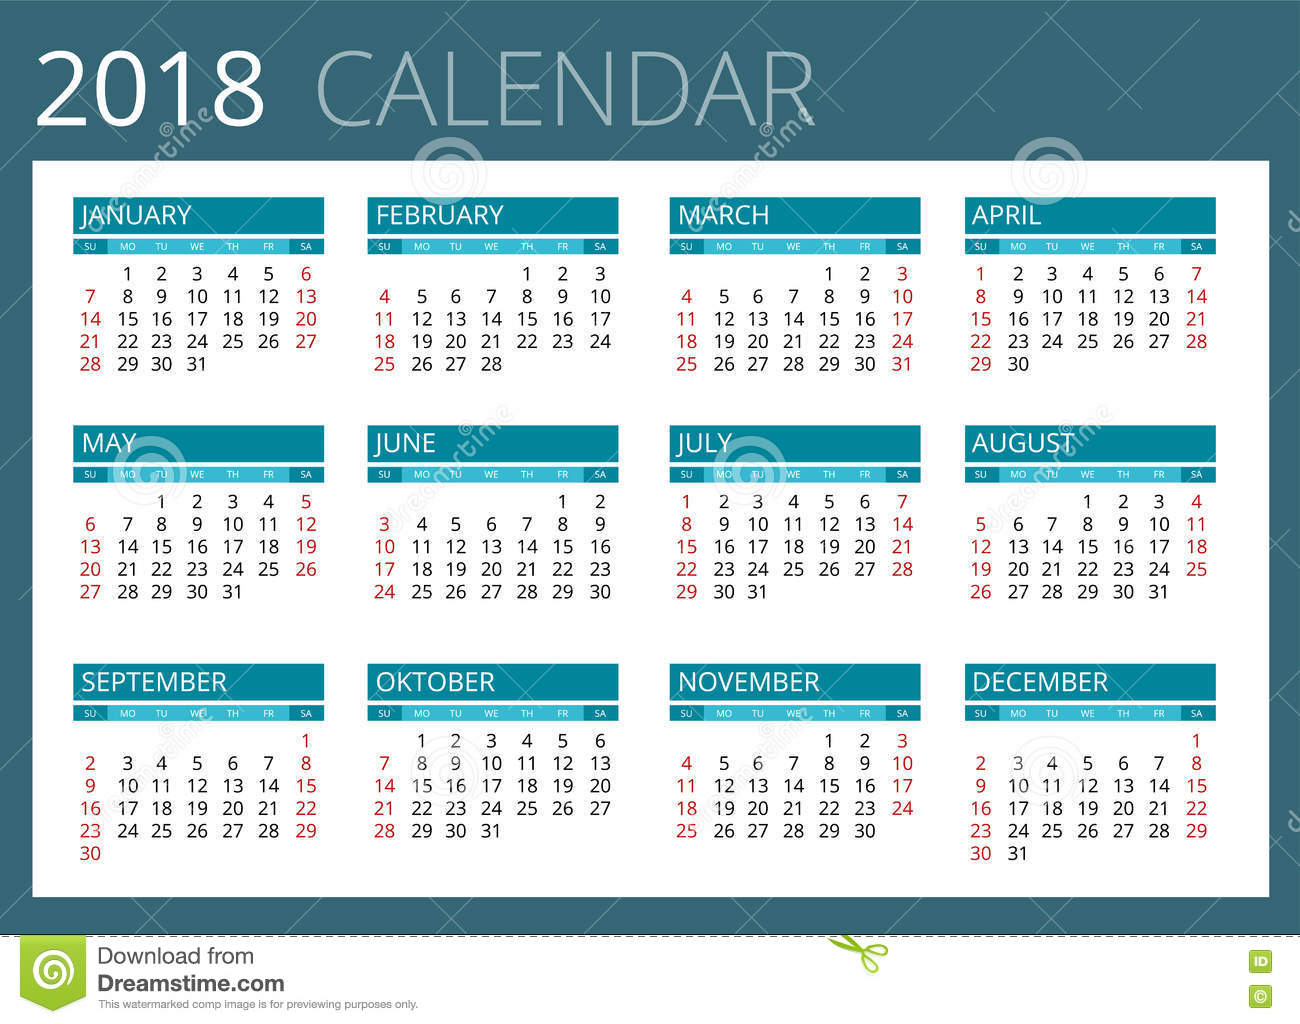 free download kalender 2018 lengkap pdf